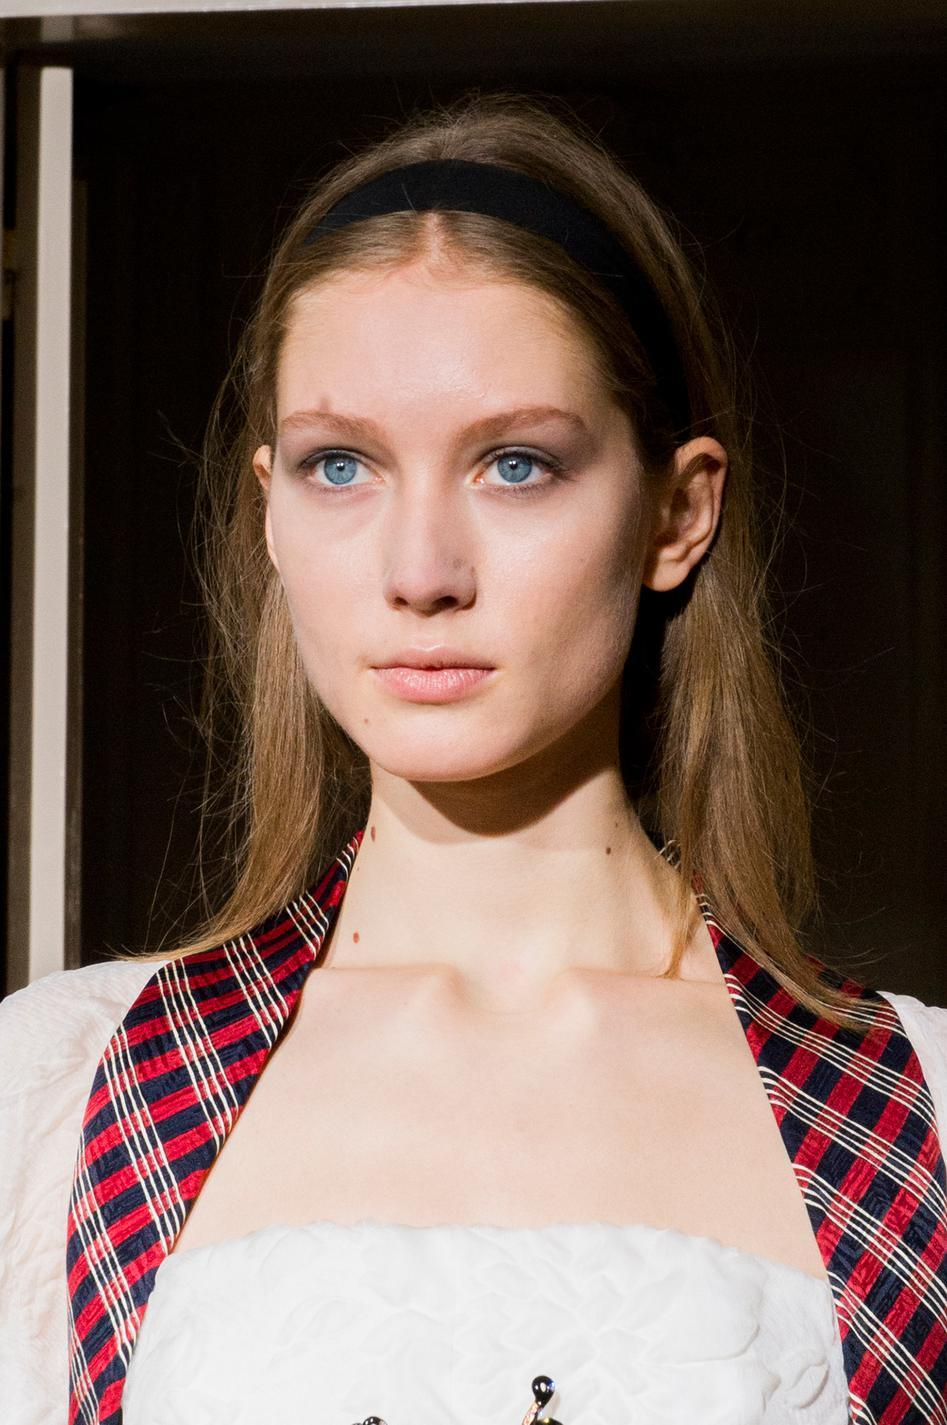 66fd19ca6740 ... Coiffures avec accessoires de la Fashion Week - le ruban sage, ...